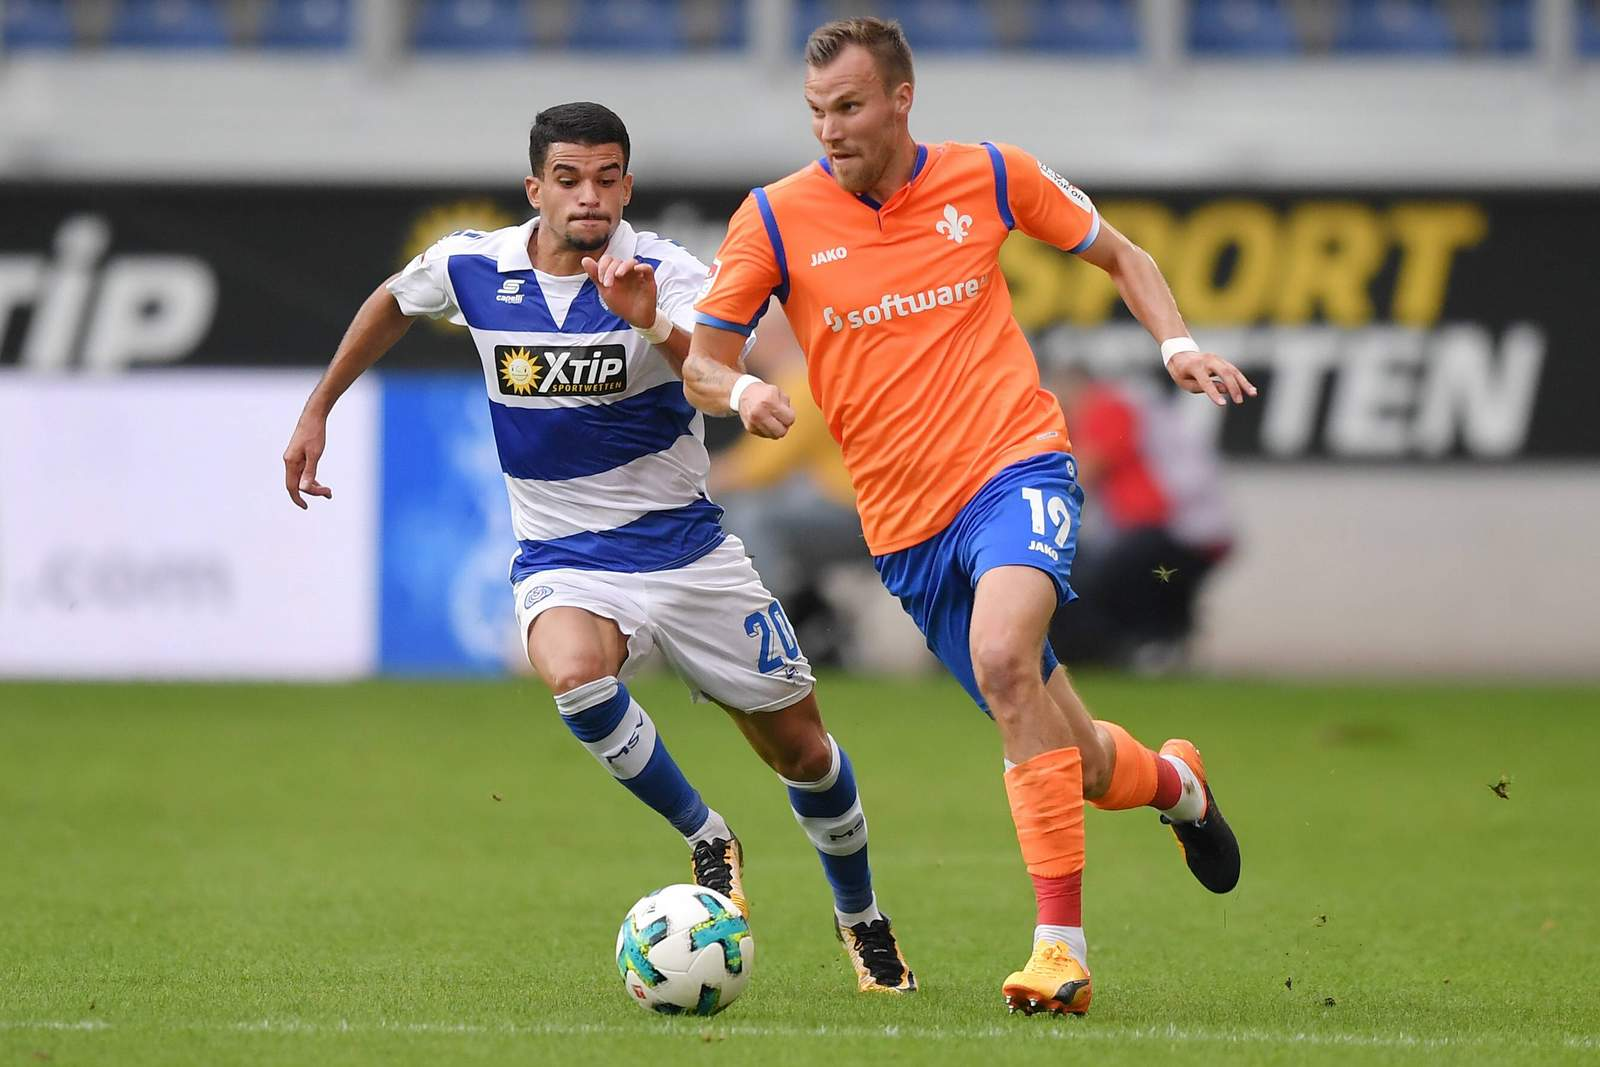 Kevin Großkreutz für Darmstadt 98 gegen Cauly Oliveira Souza vom MSV Duisburg